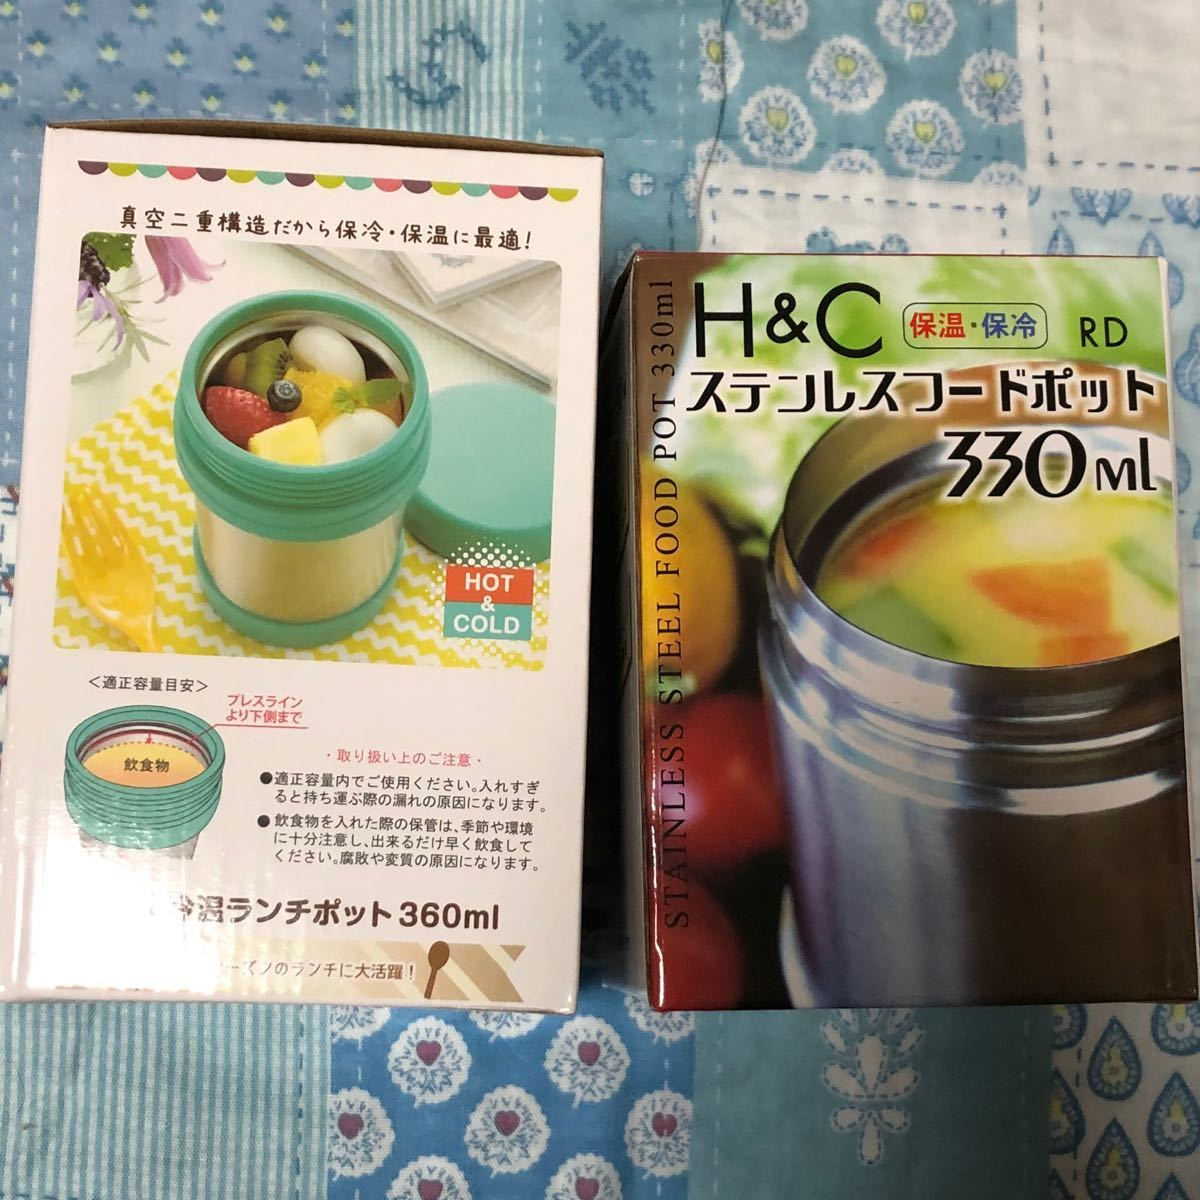 同梱相談中※購入禁止 ステンレスボトル スープジャー 保温 保冷 ボトル 2個セット